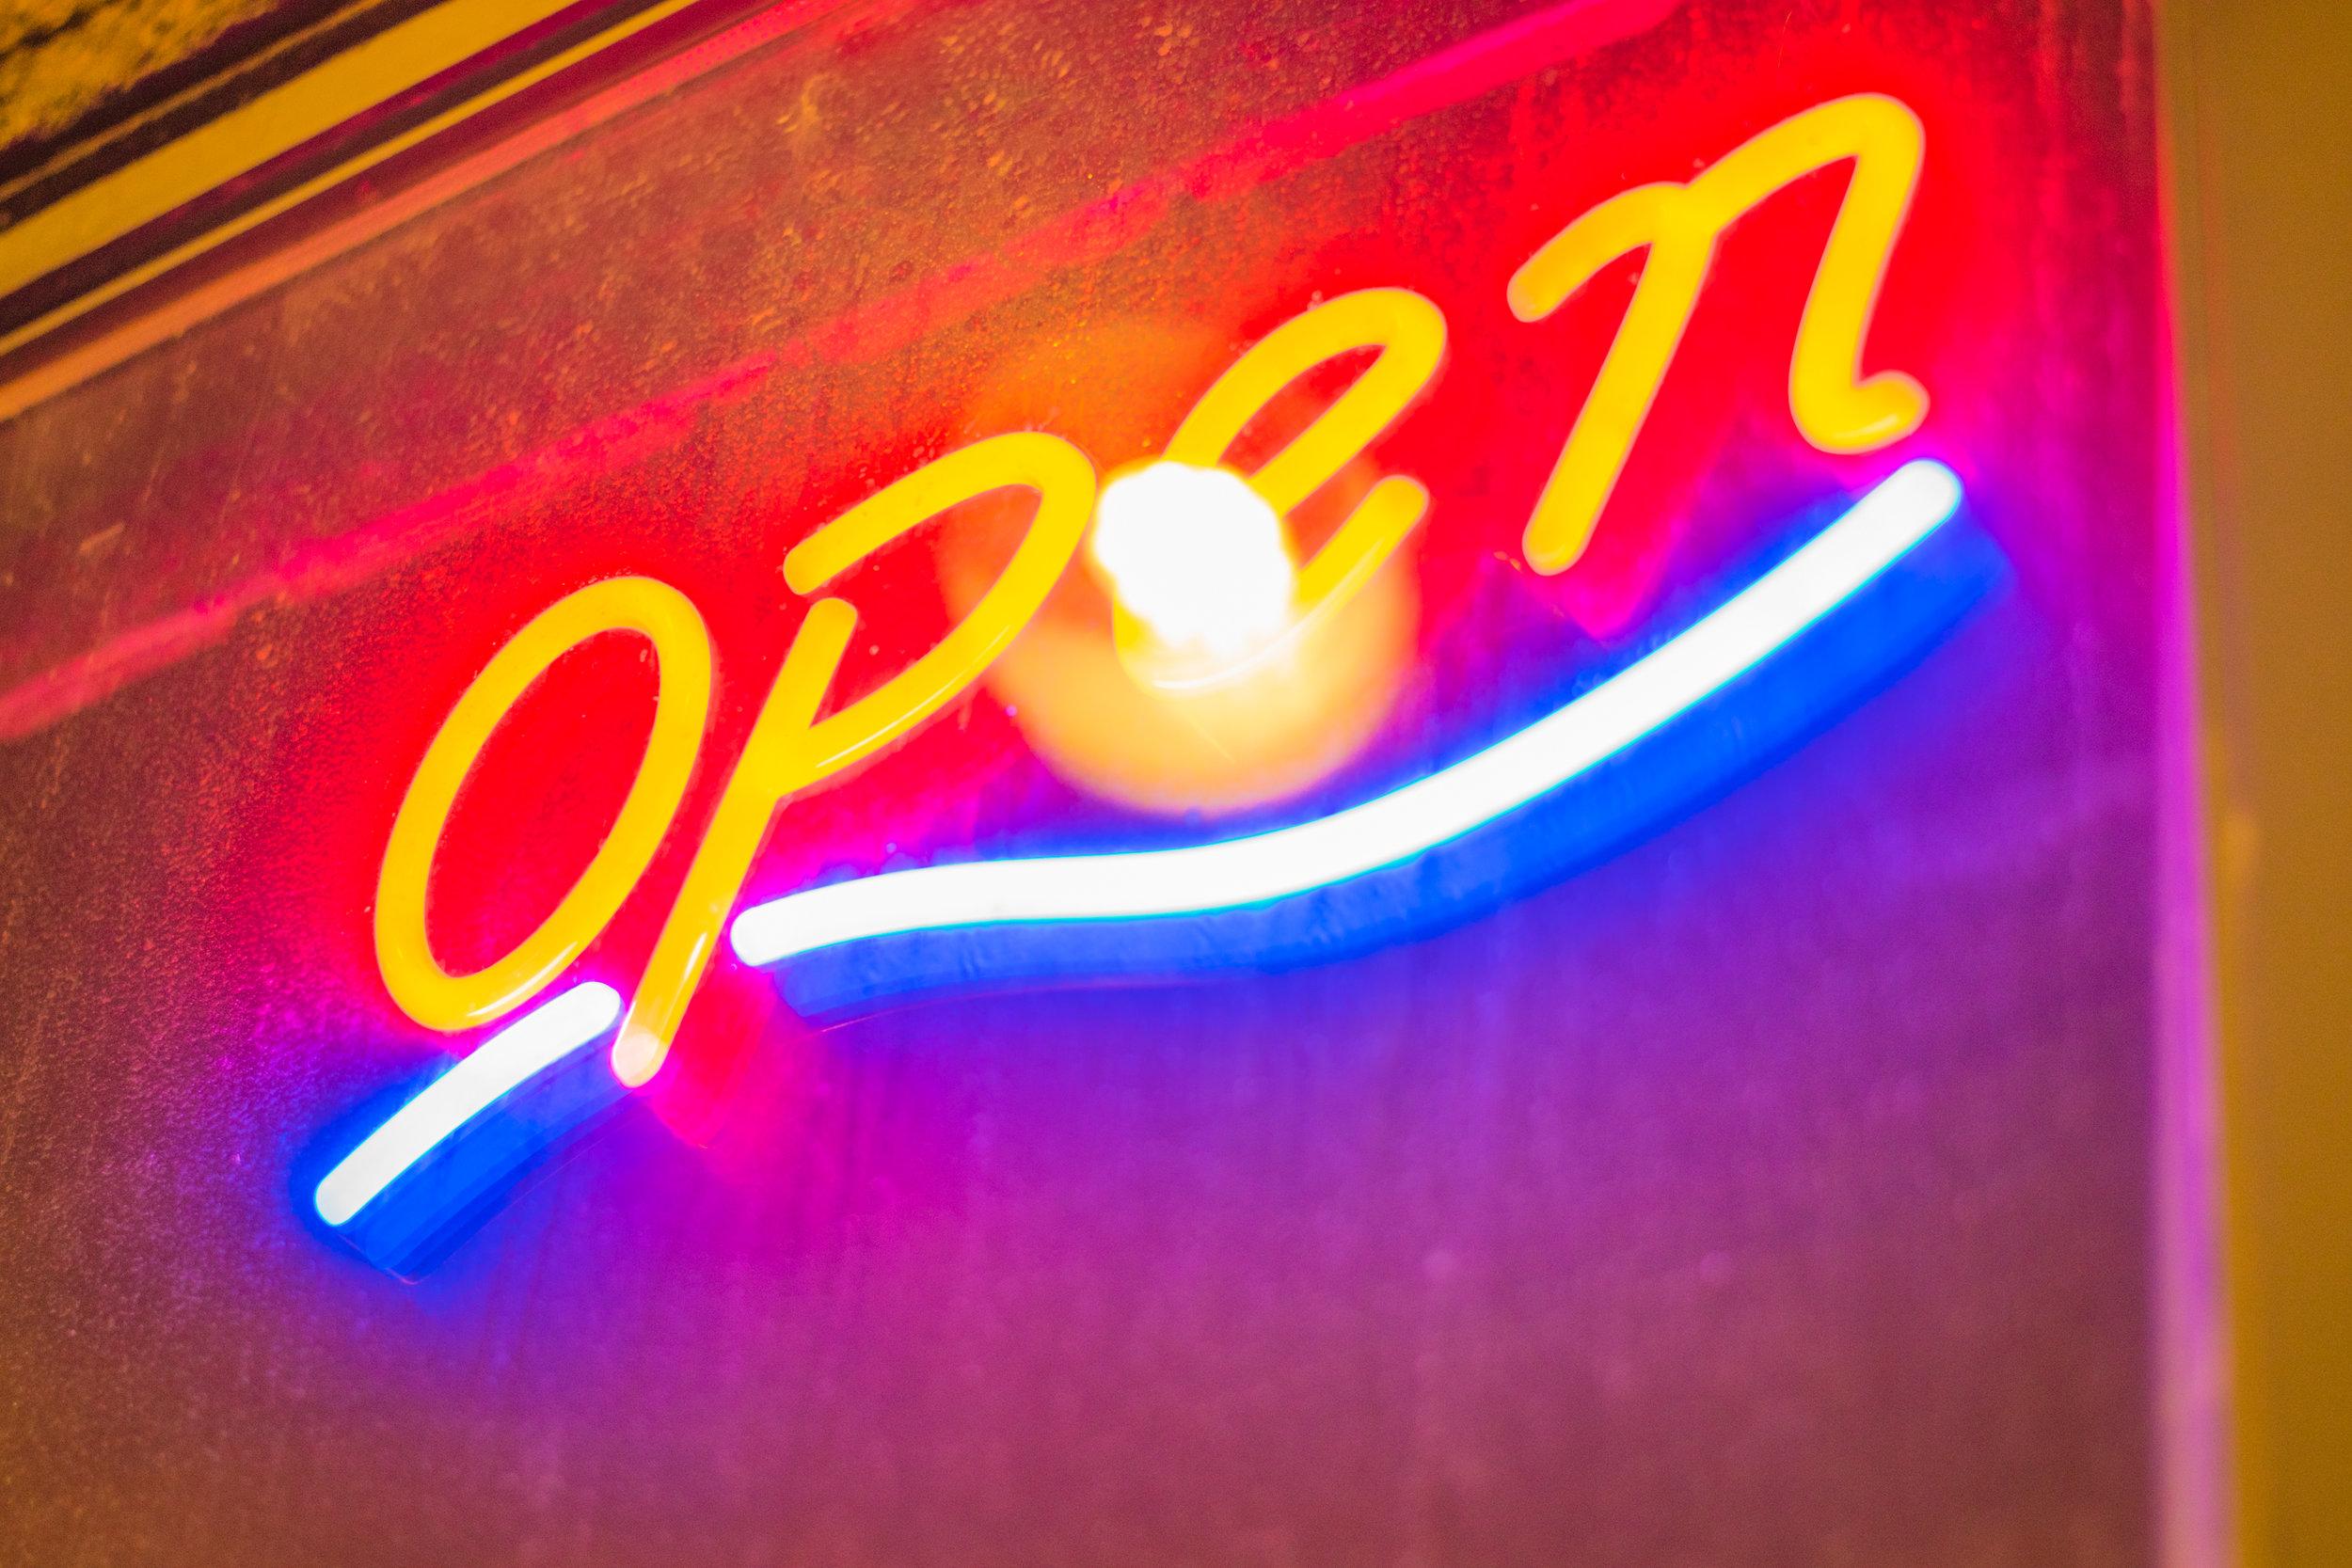 chinatown lights-10.jpg